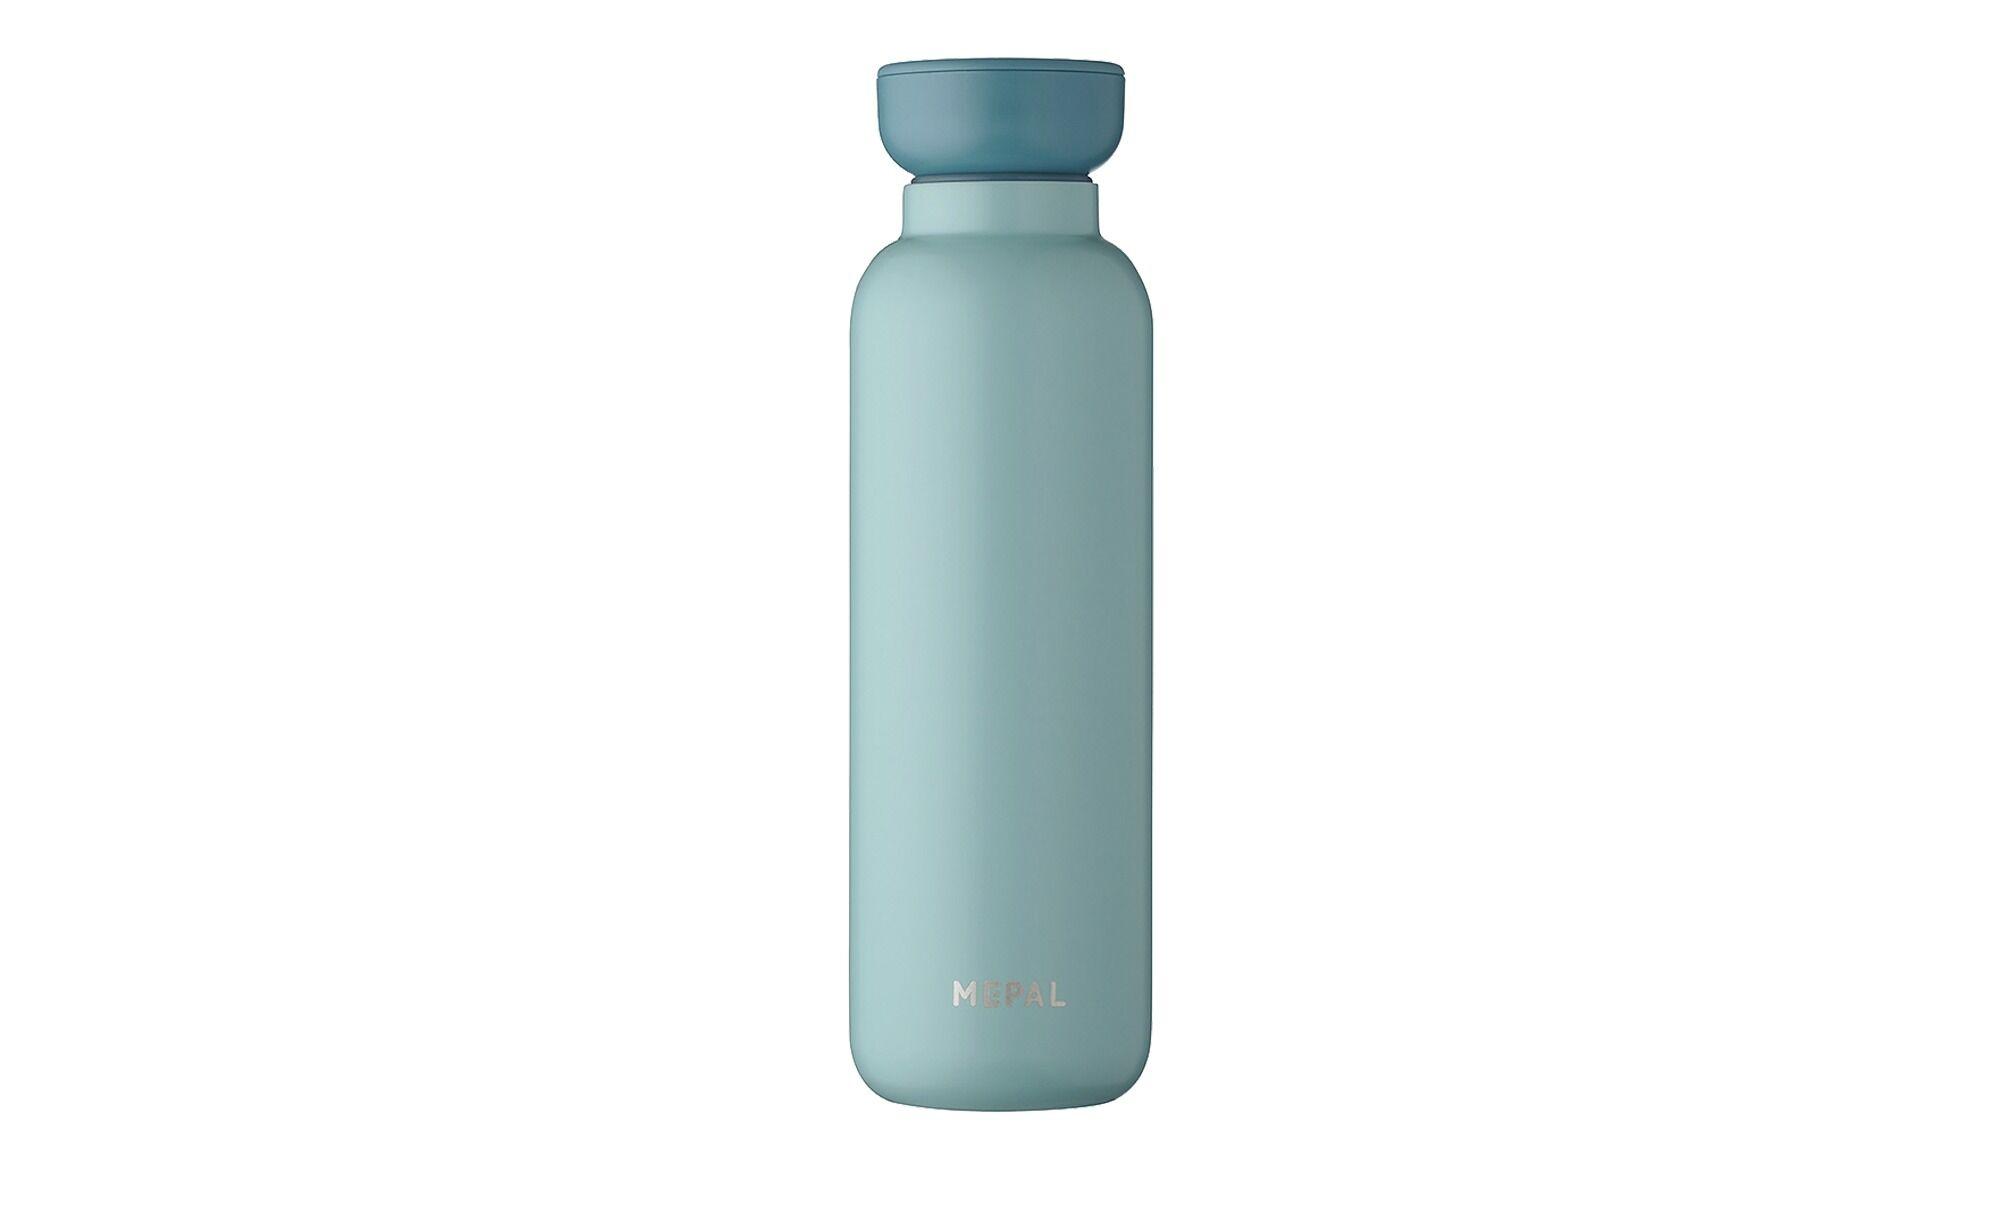 Mepal Thermoflasche 500 ml  Ellipse ¦ grün ¦ Edelstahl, Kunststoff Ø: